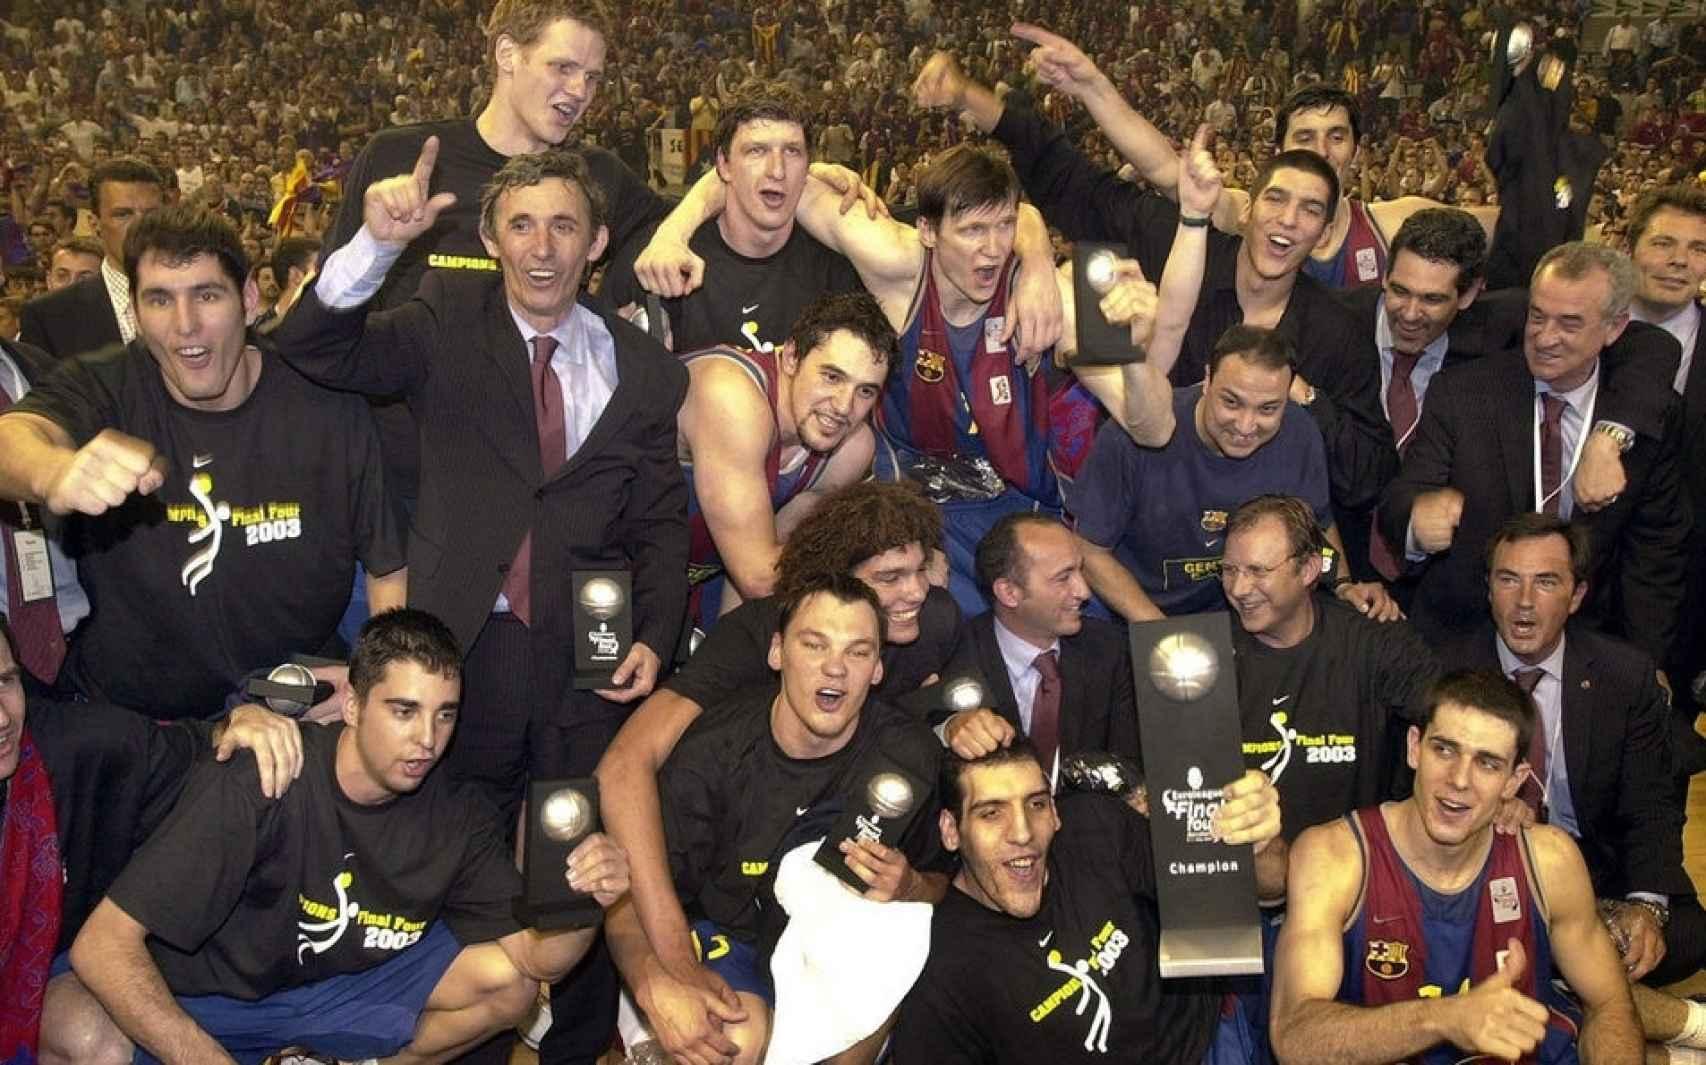 El Barça campeón de la Euroliga en 2003 (de la Fuente en primer término abajo).